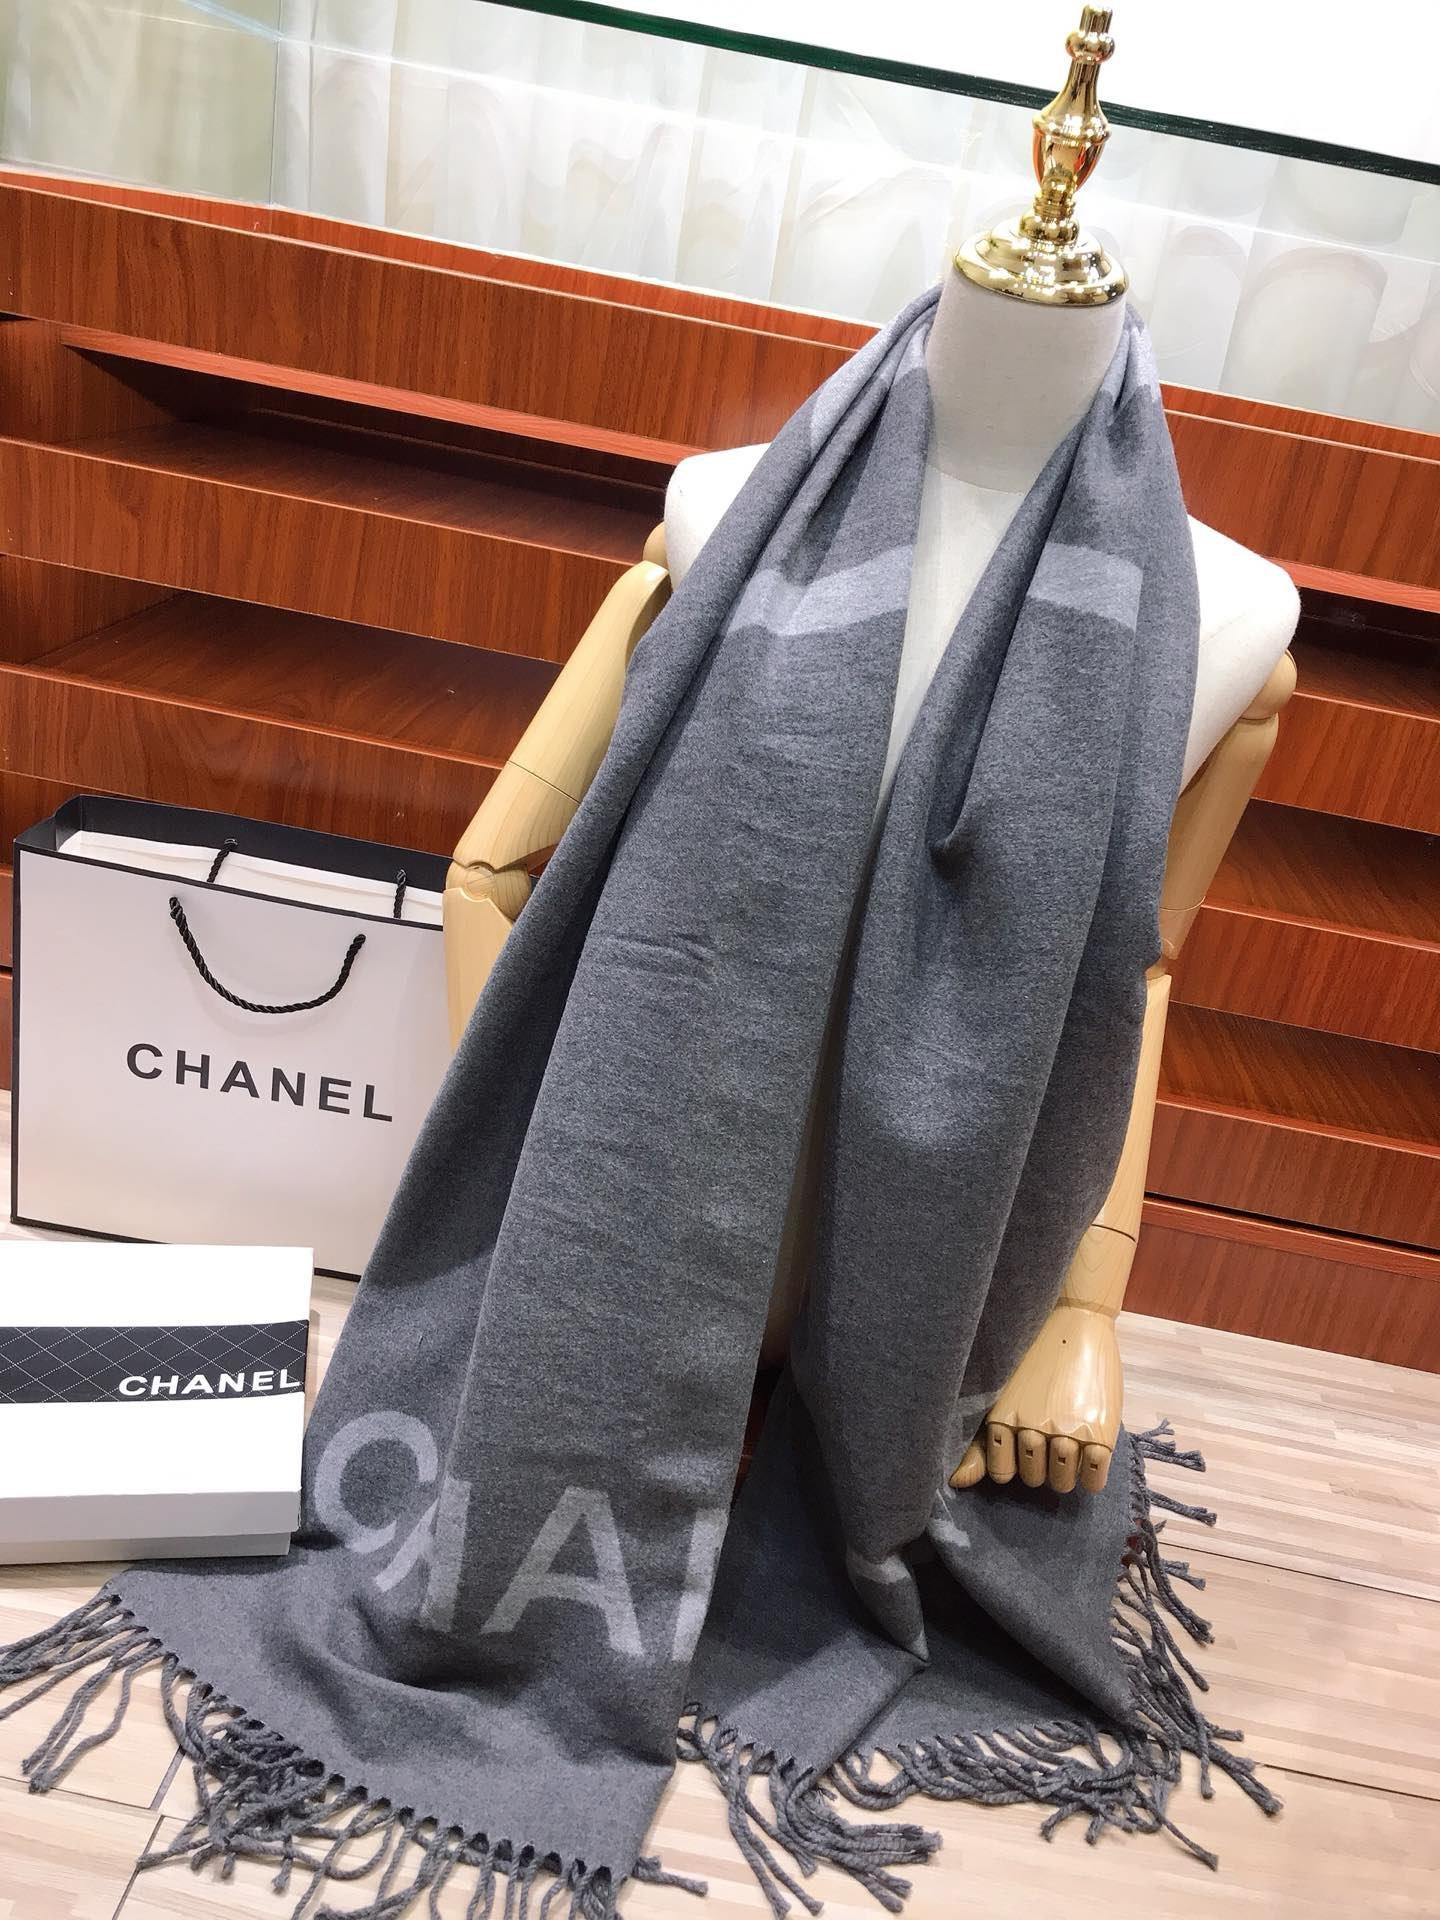 CHANEL香奈儿2019年度重磅新